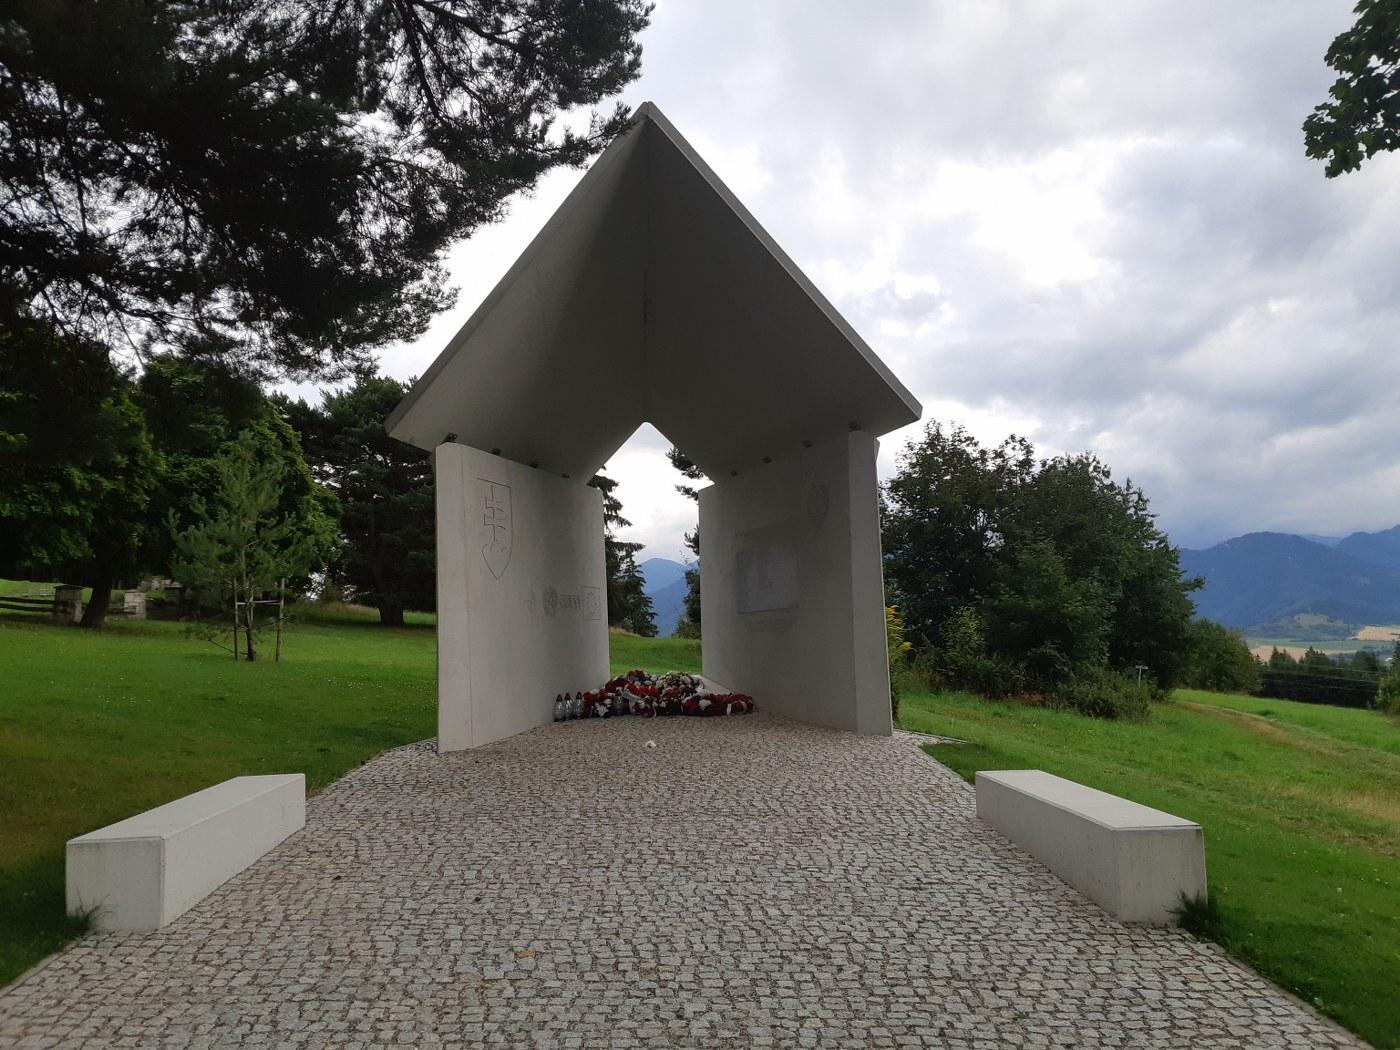 pomník na památku válečným veteránům a profesionálním vojákům